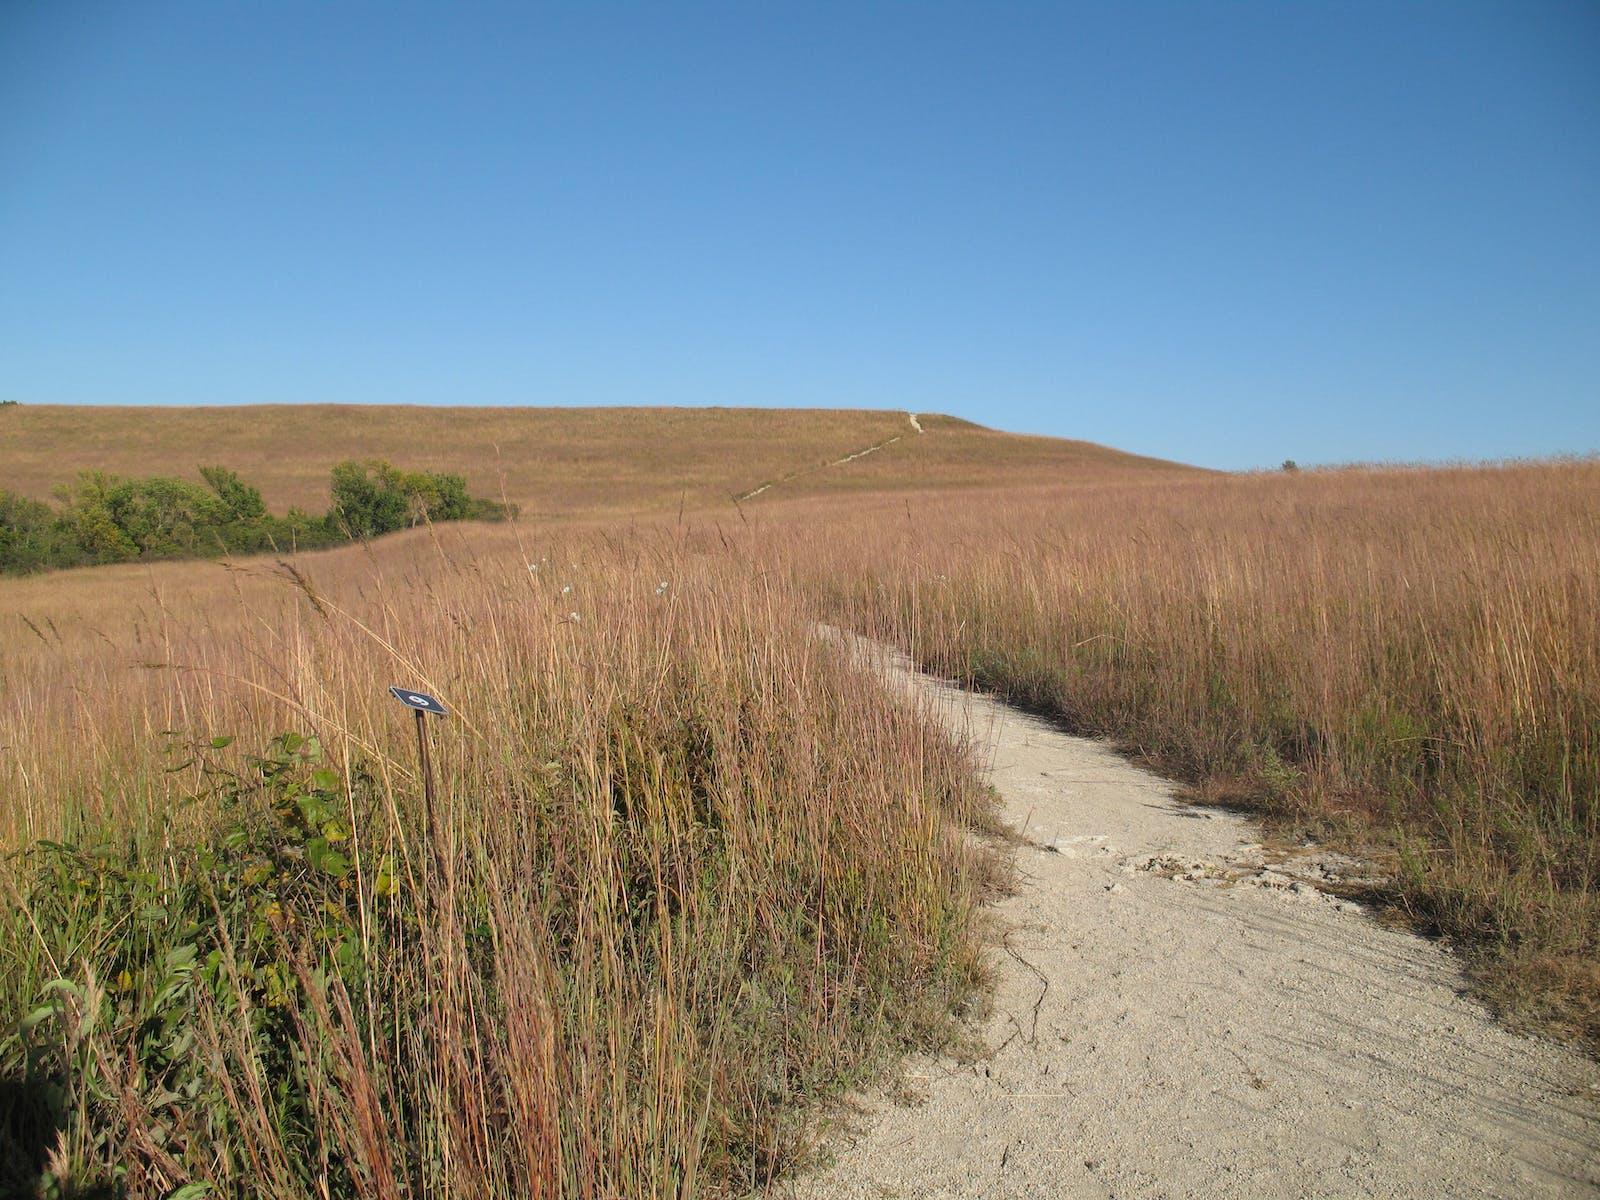 Flint Hills Tallgrass Prairie